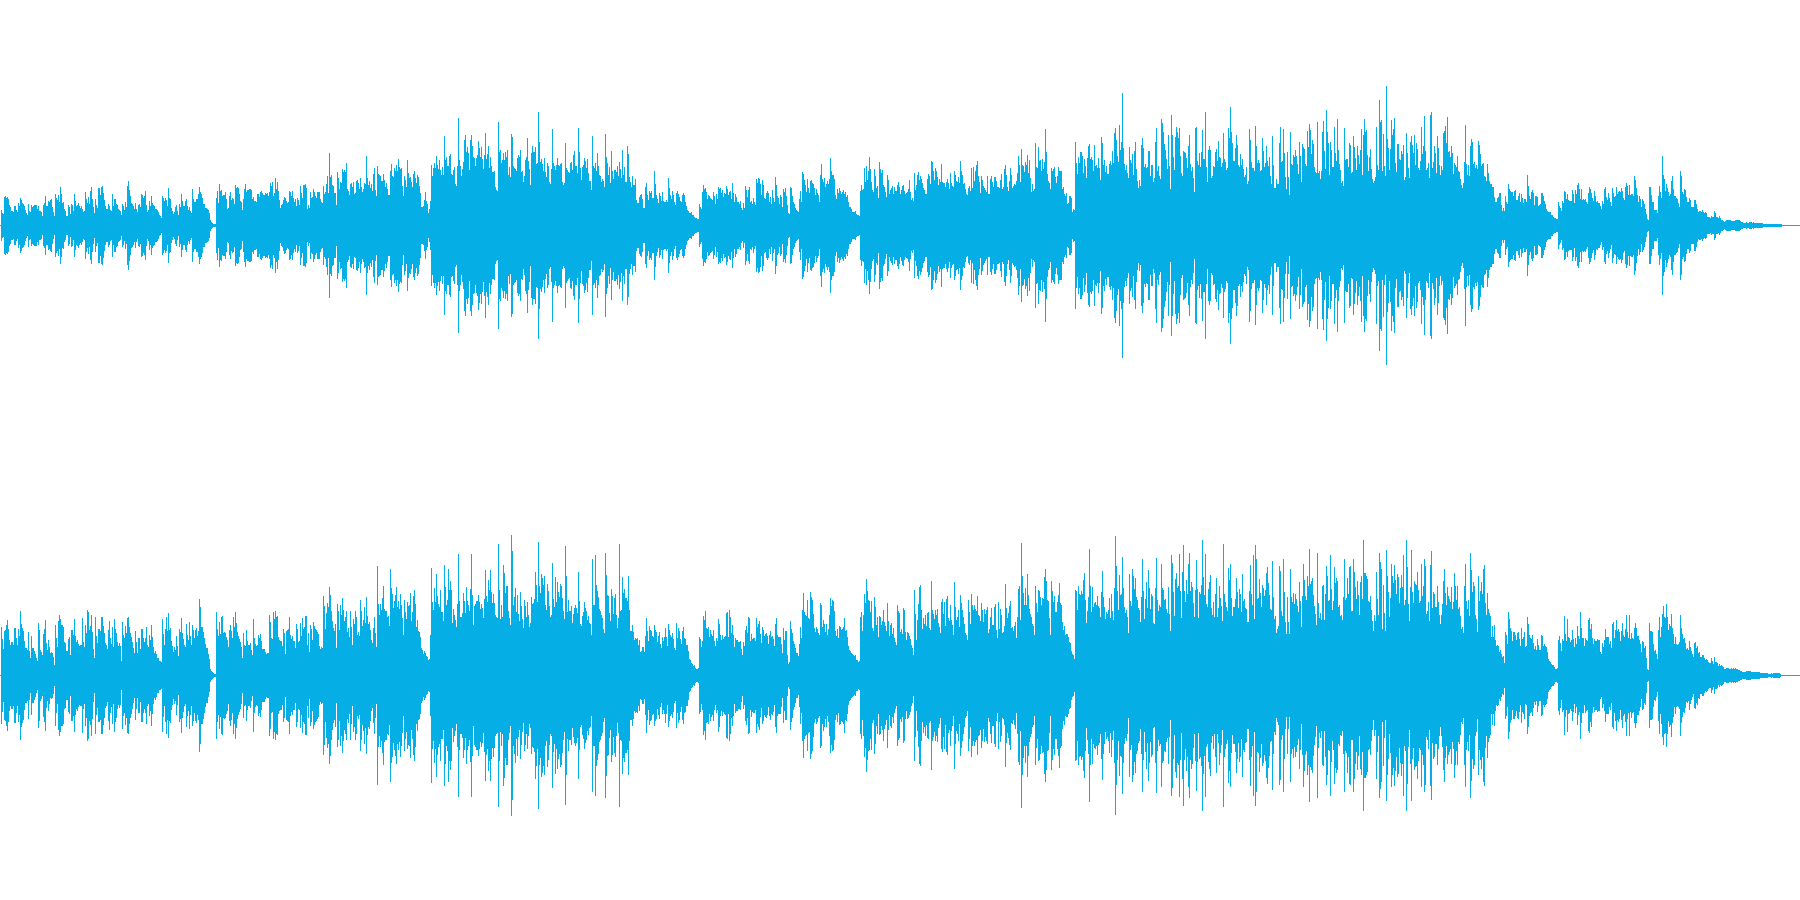 【メロ・リズム抜き】ノスタルジックなアコの再生済みの波形